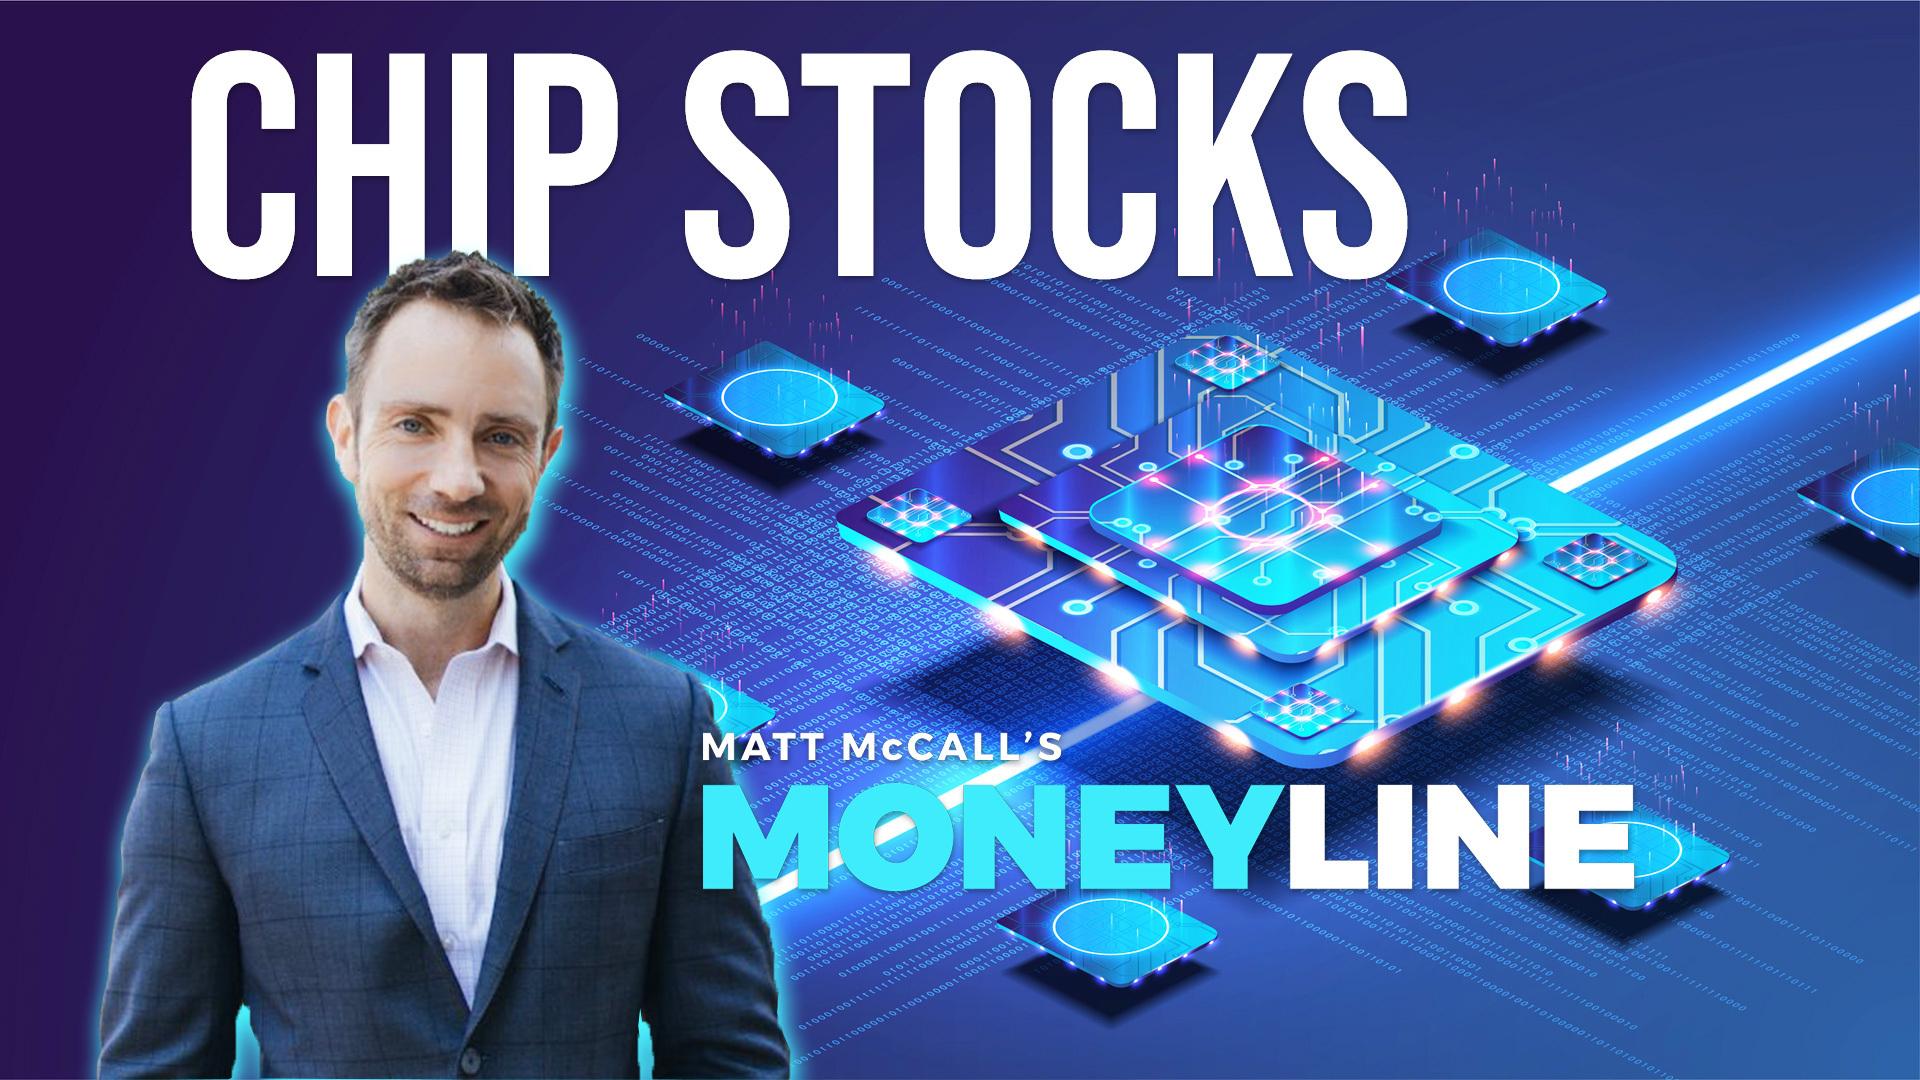 Matt McCall's Moneyline: Chip Stocks